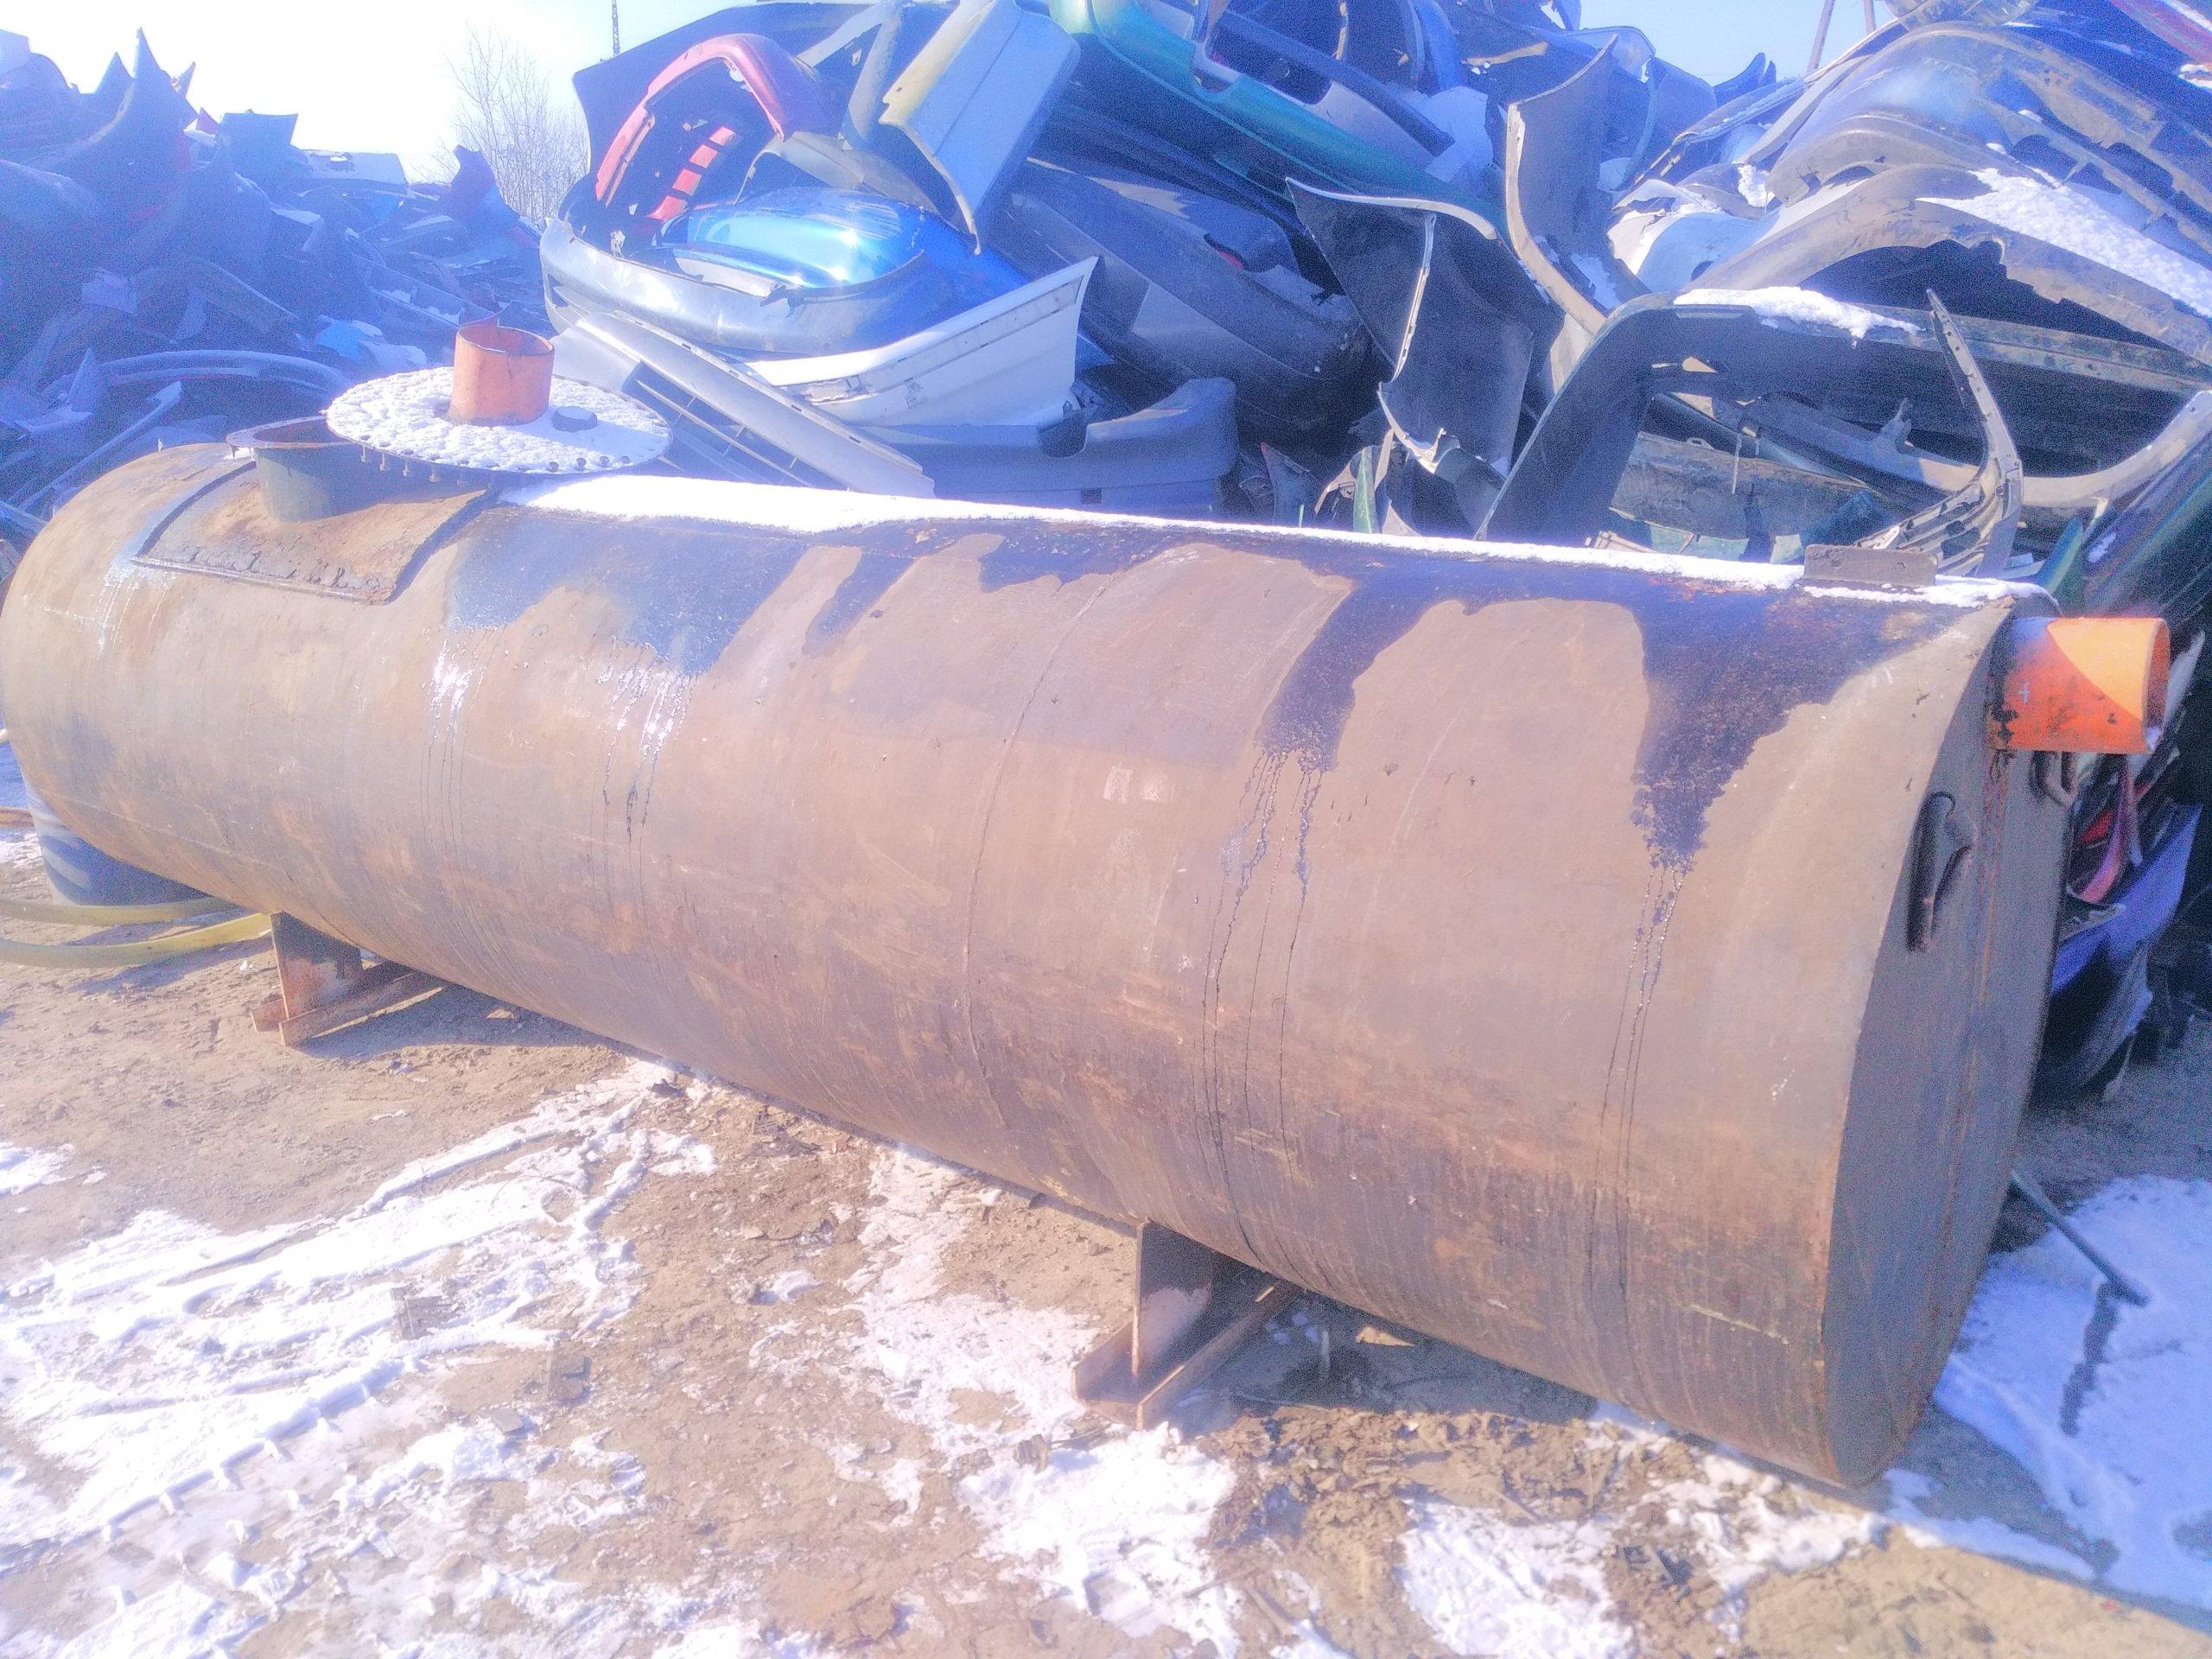 Zbiornik metalowy 5000L na szambo, wodę deszczówkę